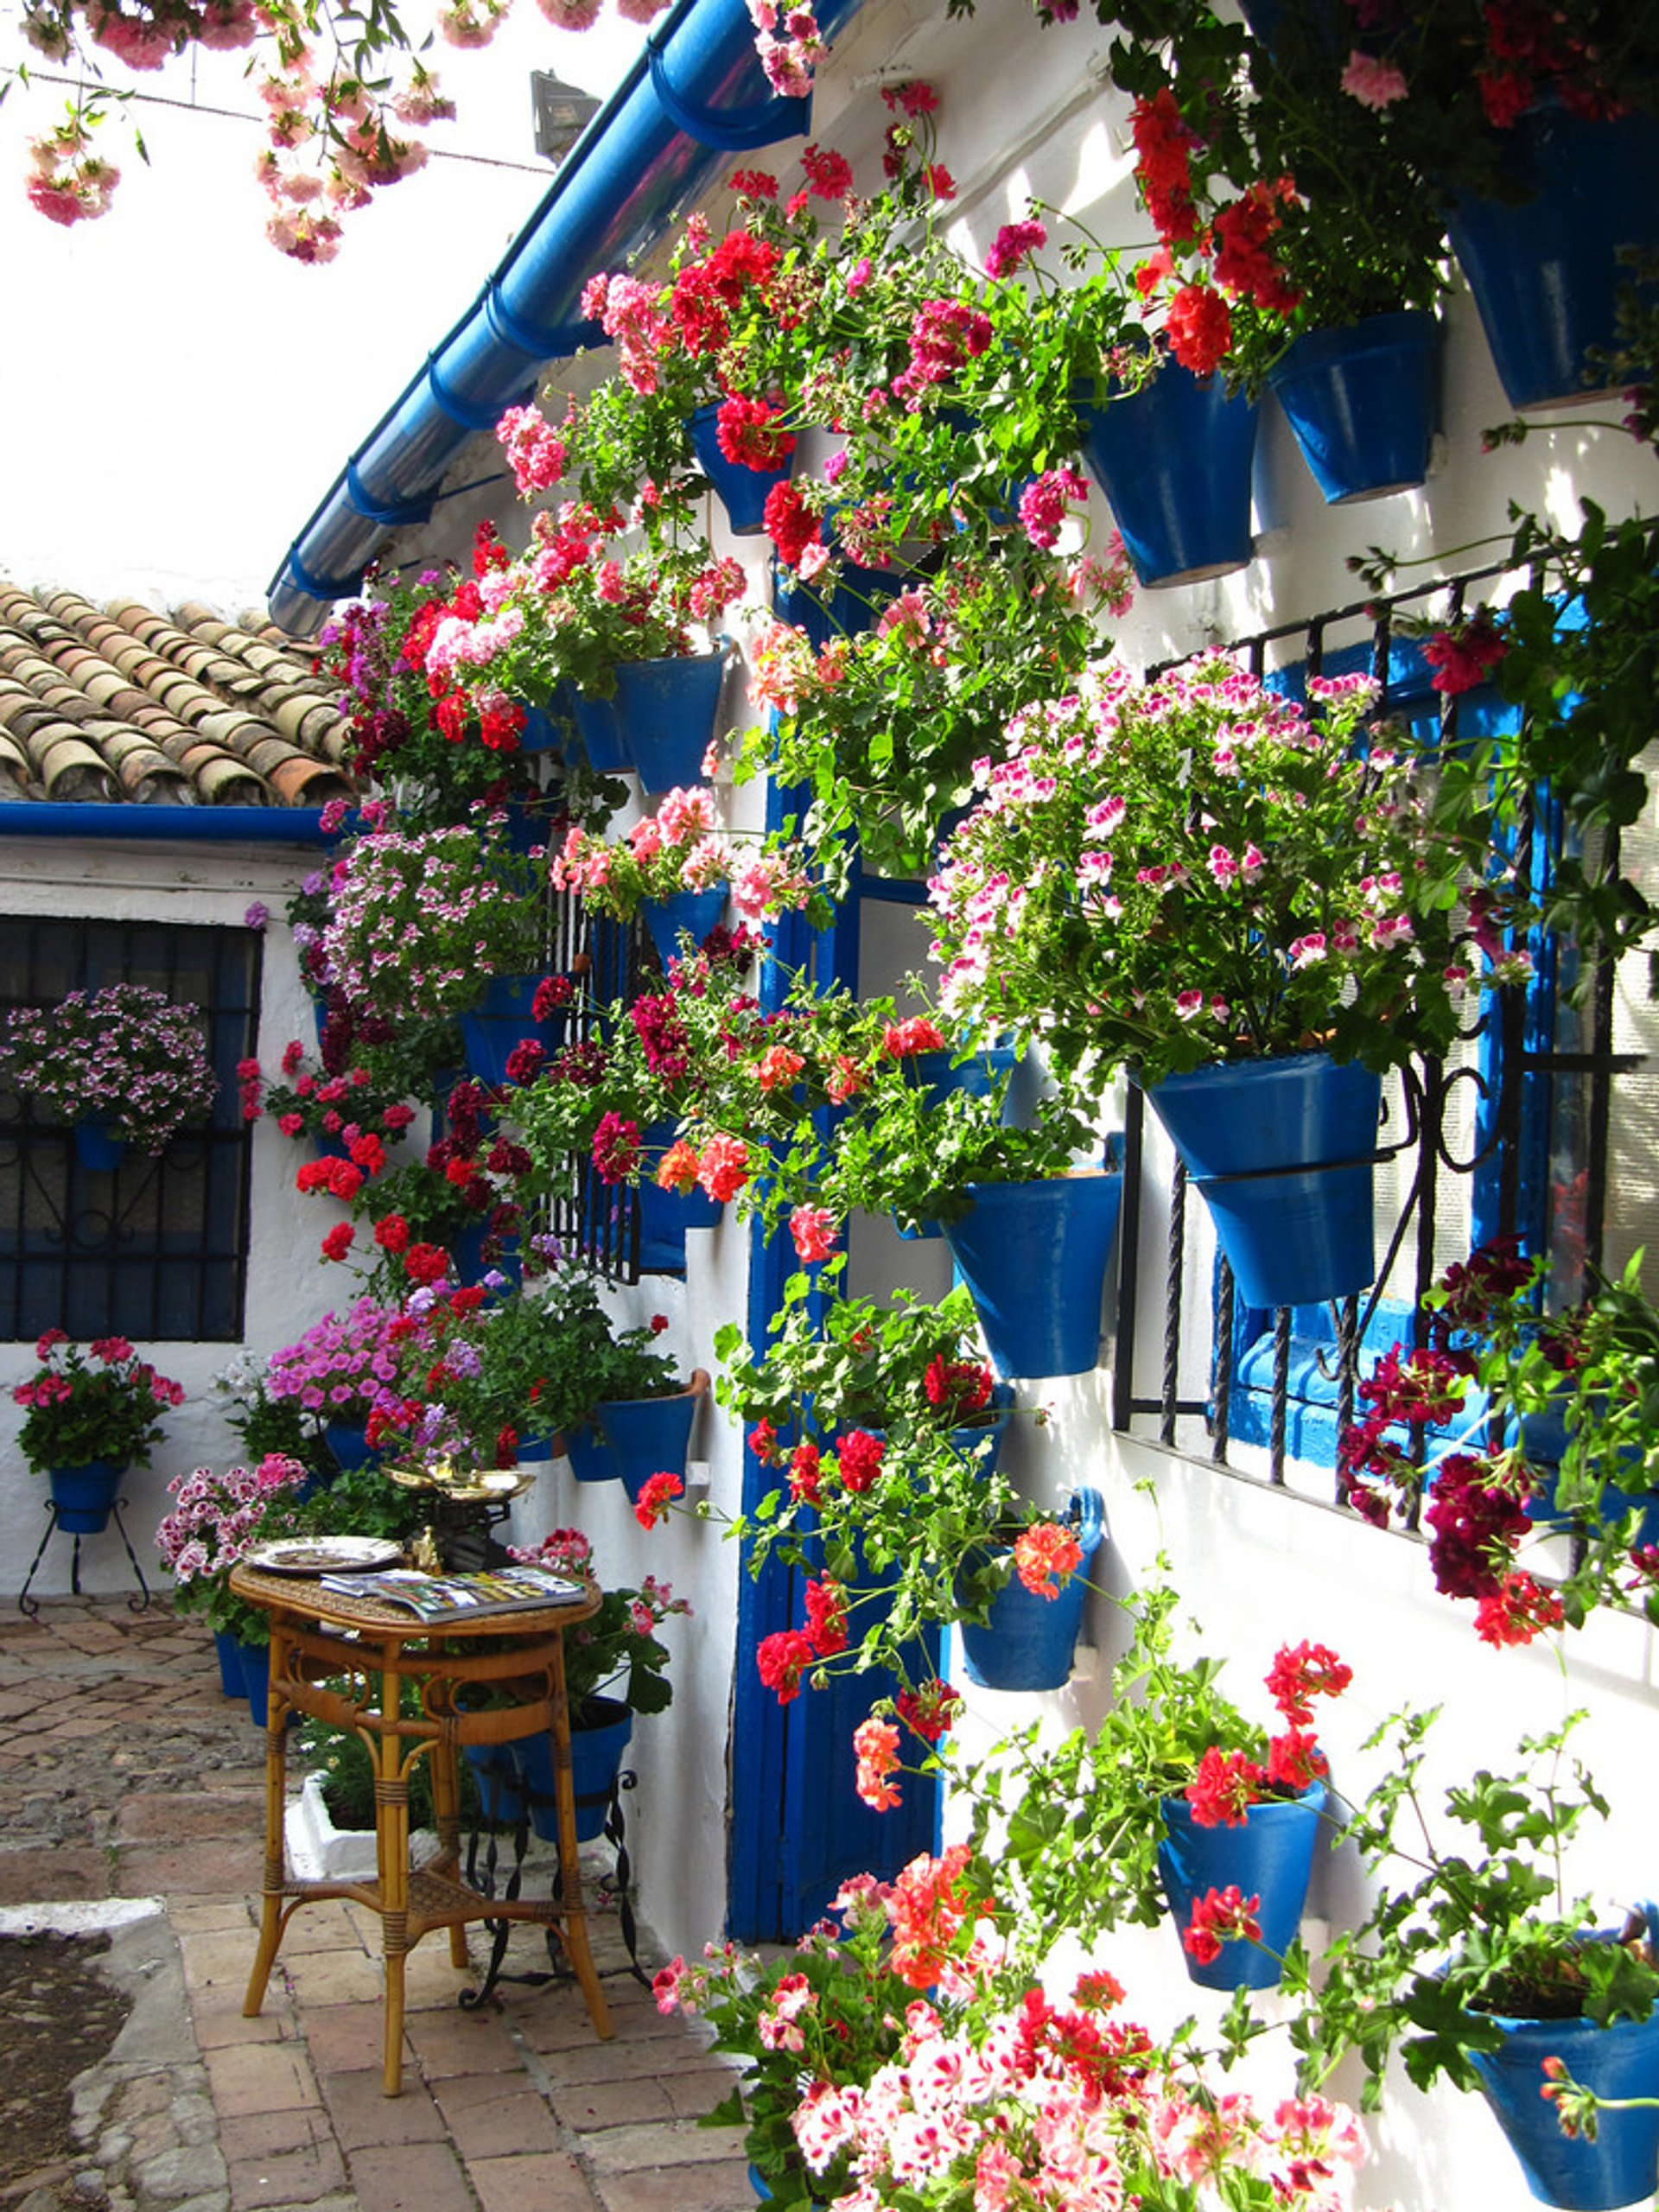 Córdoba Patios Festival in Spain - Best Season 2019